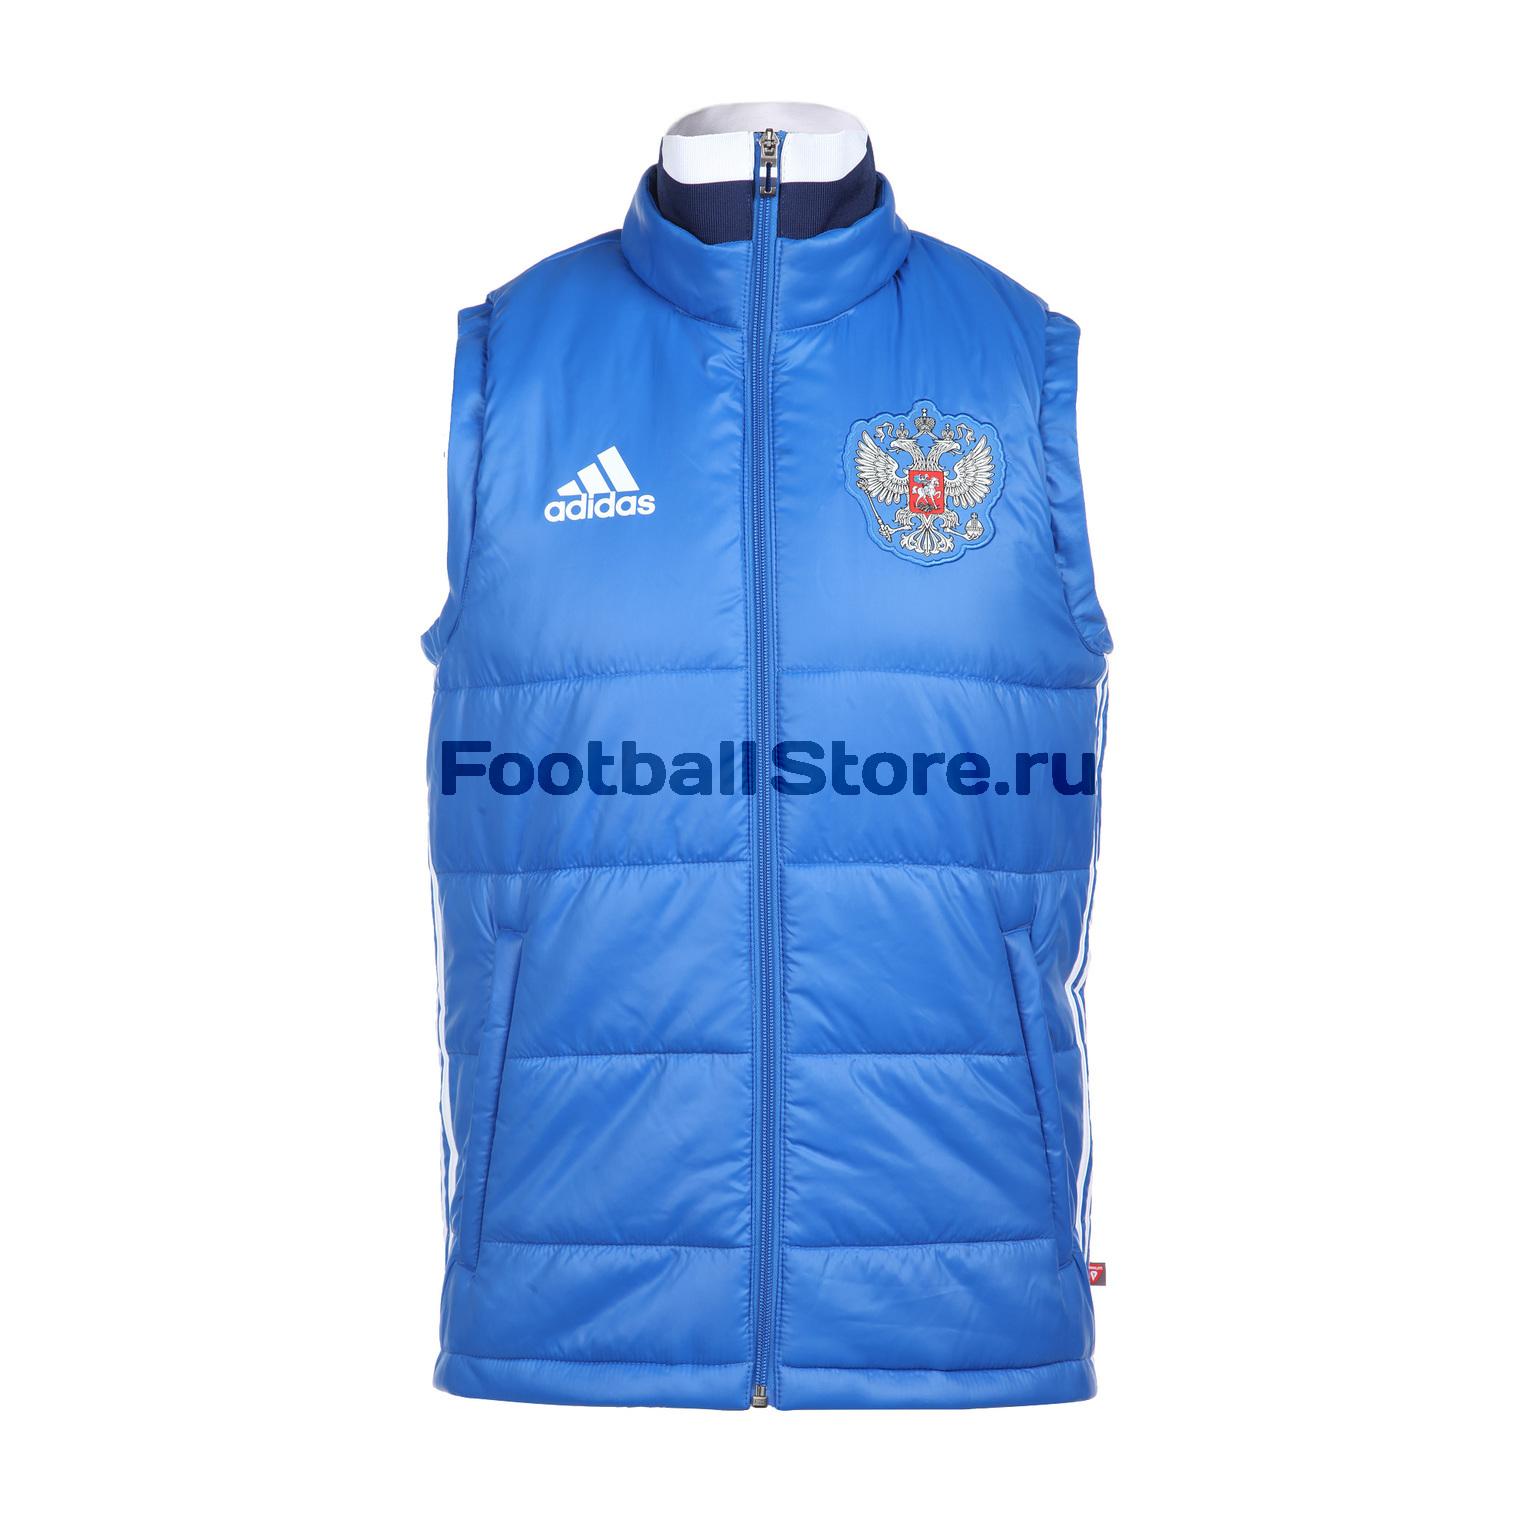 Russia Adidas Жилет Adidas Russia Pad Vest AP5794 adidas adidas russia pad jkt ac5802